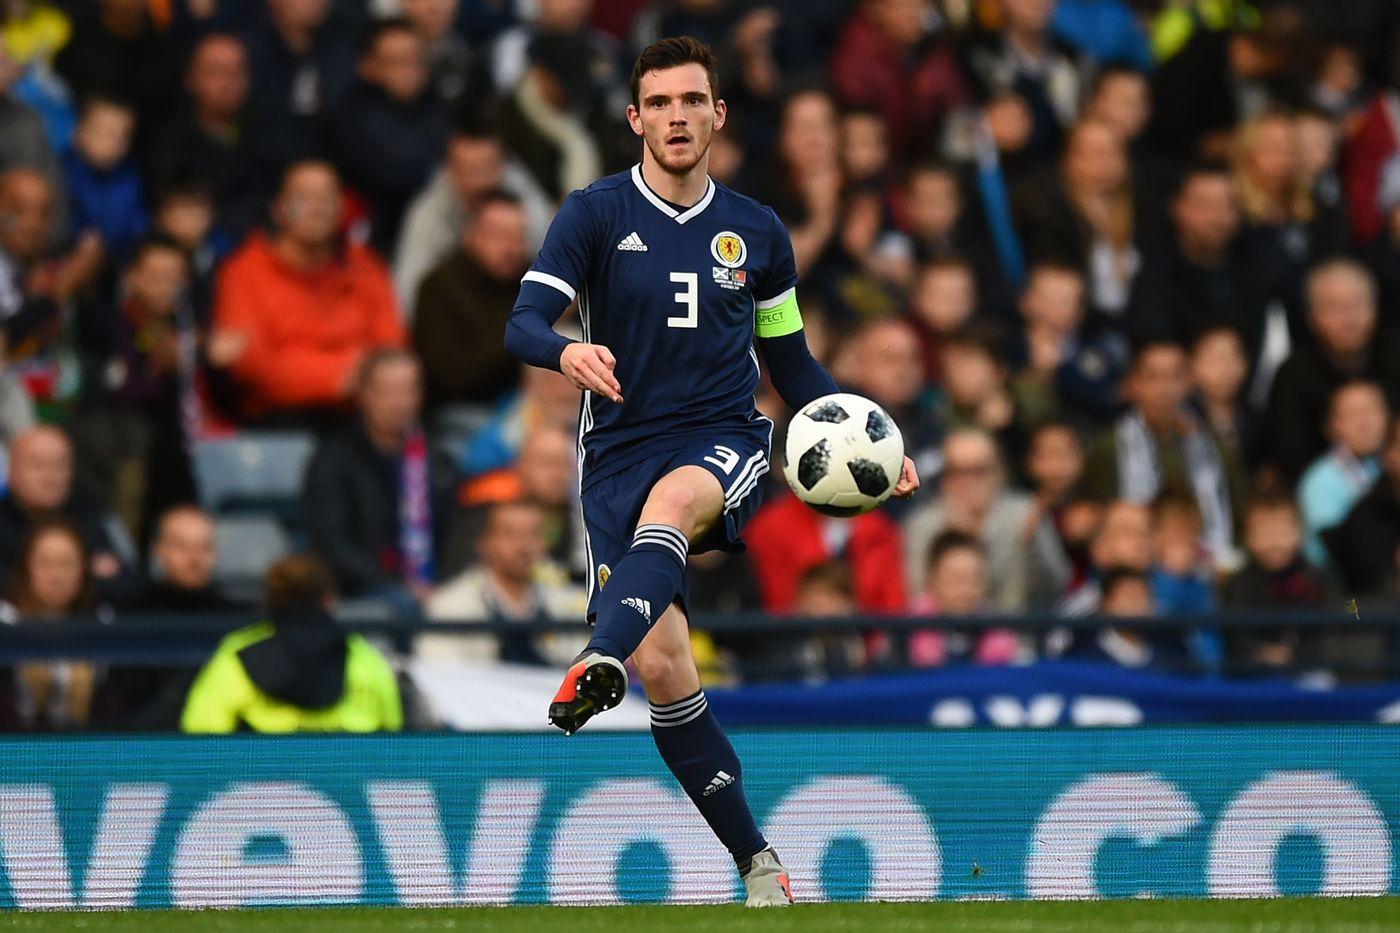 San Marino-Scozia 24 marzo: si gioca per la seconda giornata del gruppo I di qualificazione agli Europei. Britannici strafavoriti.